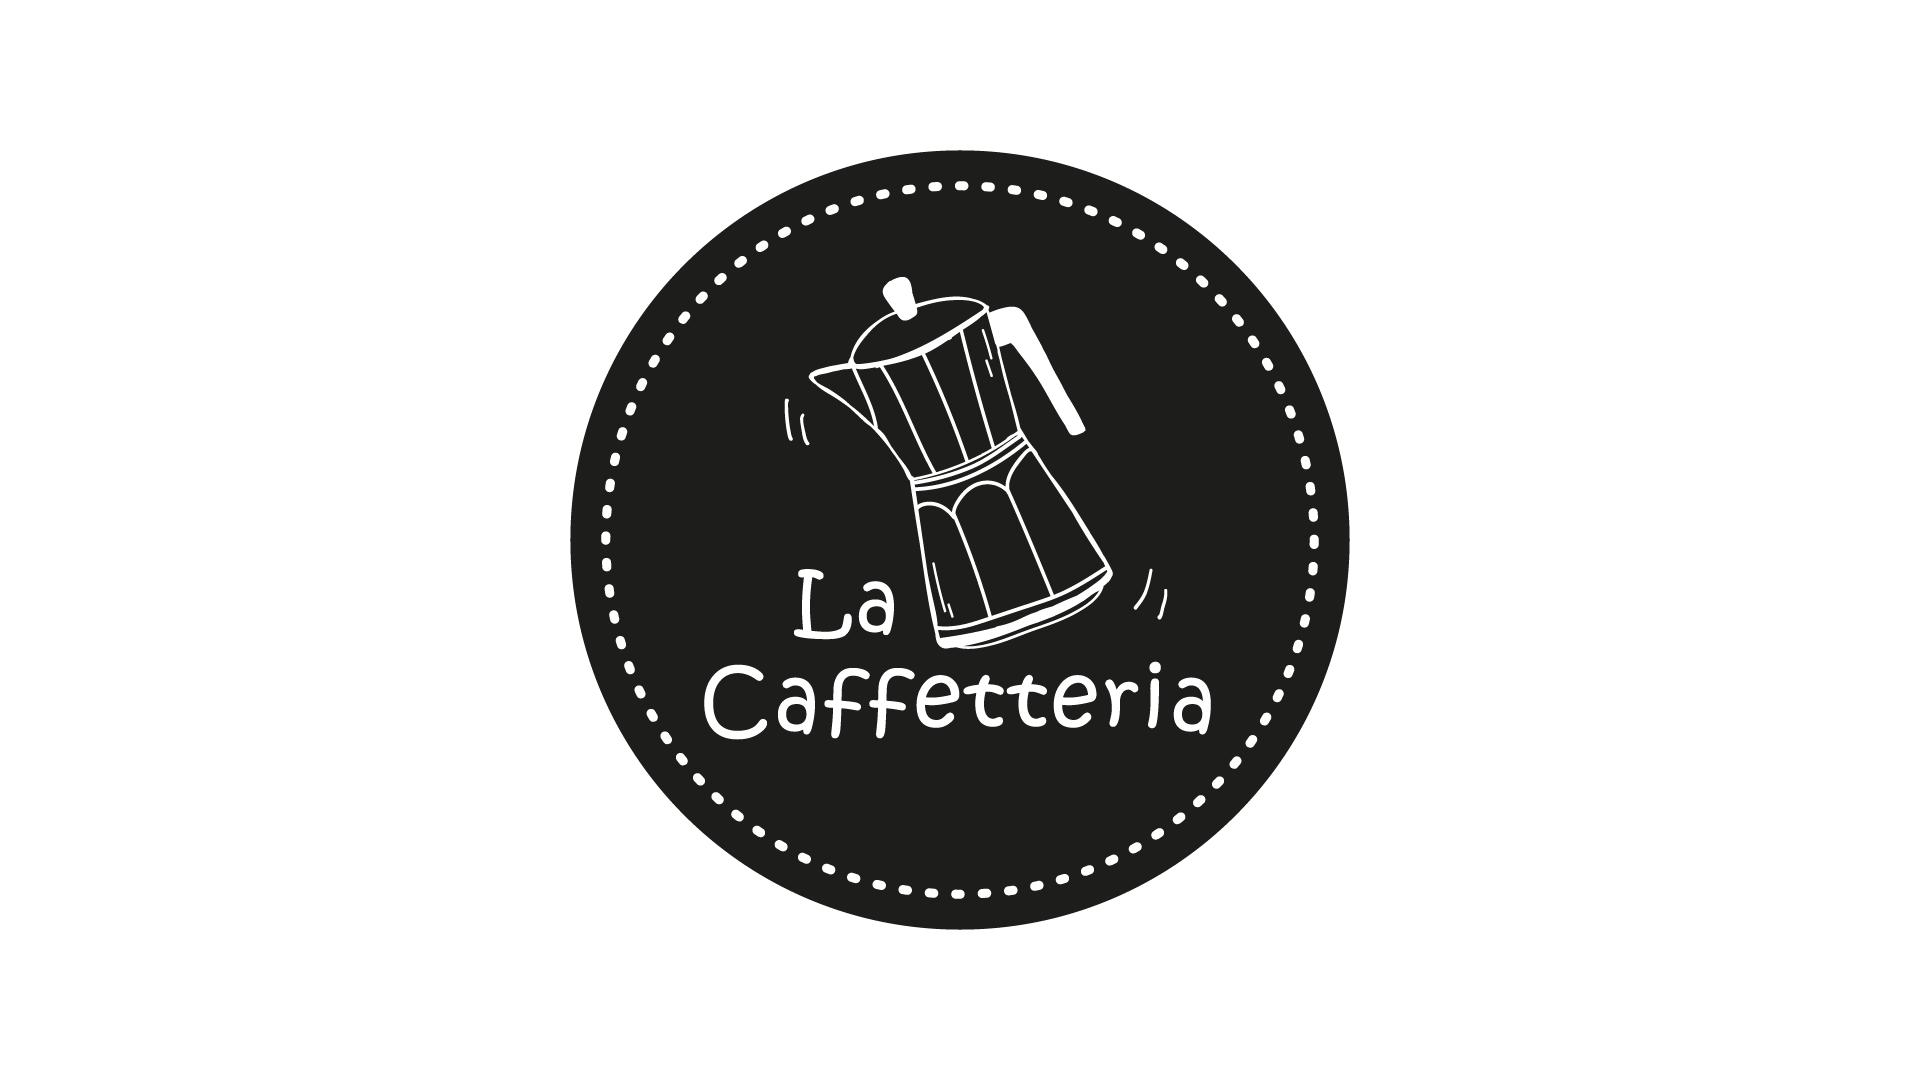 La caffetteria brand